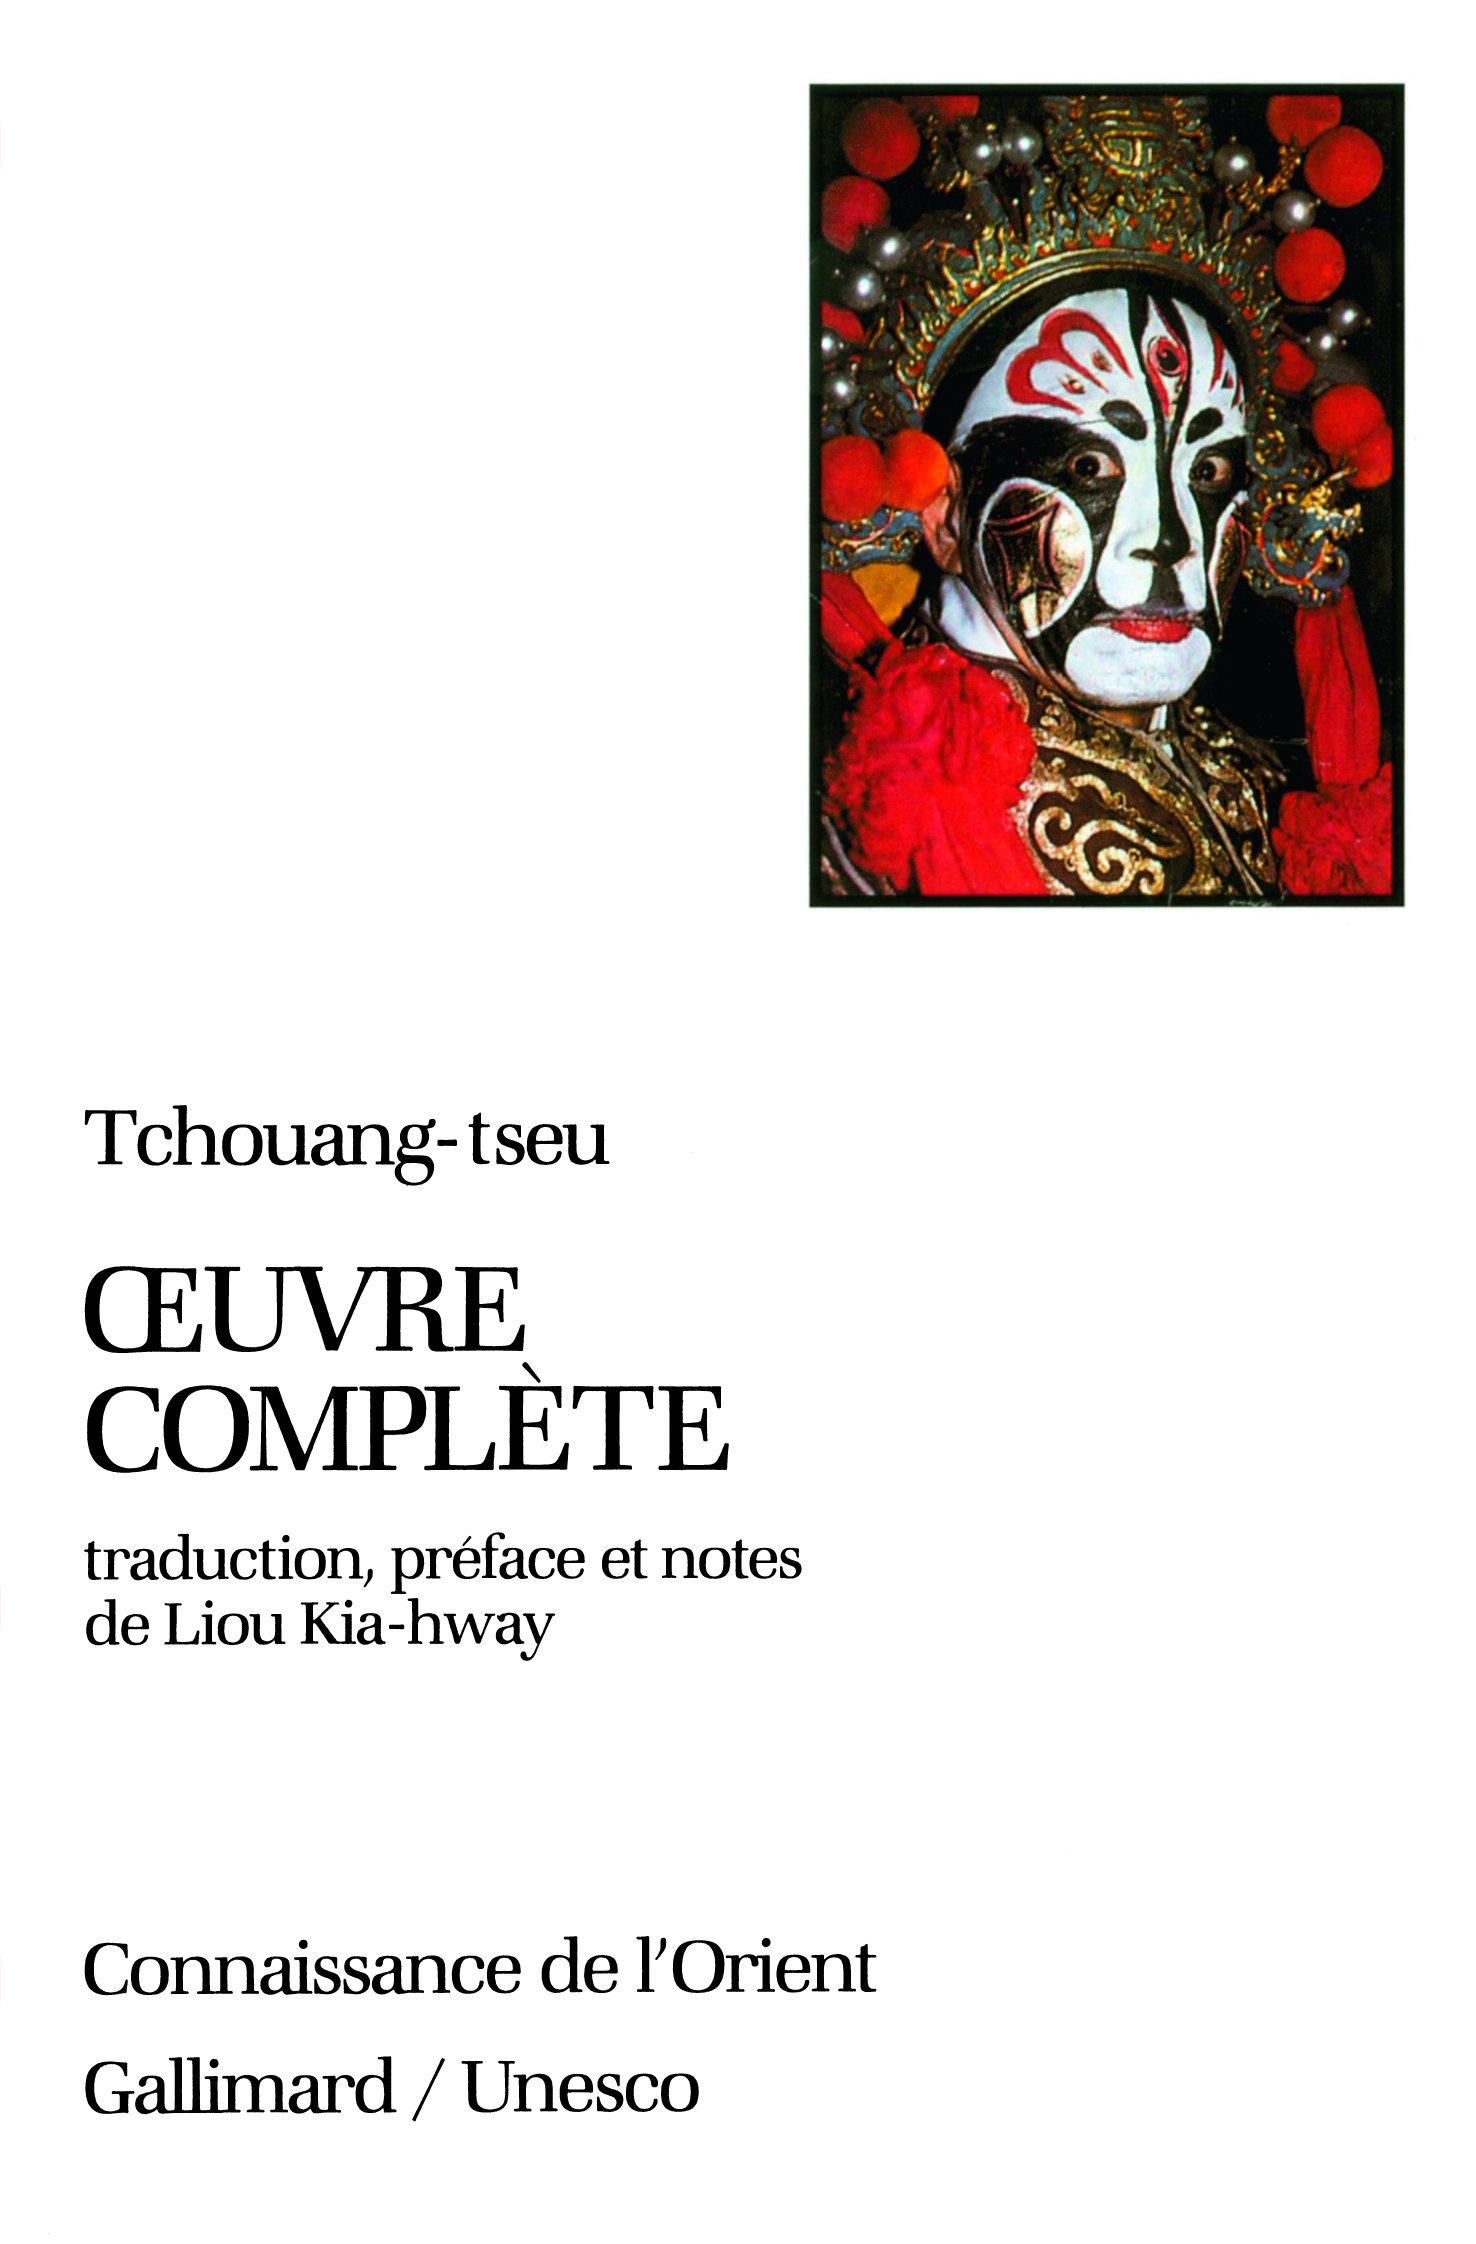 Œuvre complète Poche – 23 octobre 1985 Tchouang-tseu Liou Kia-hway Œuvre complète Gallimard